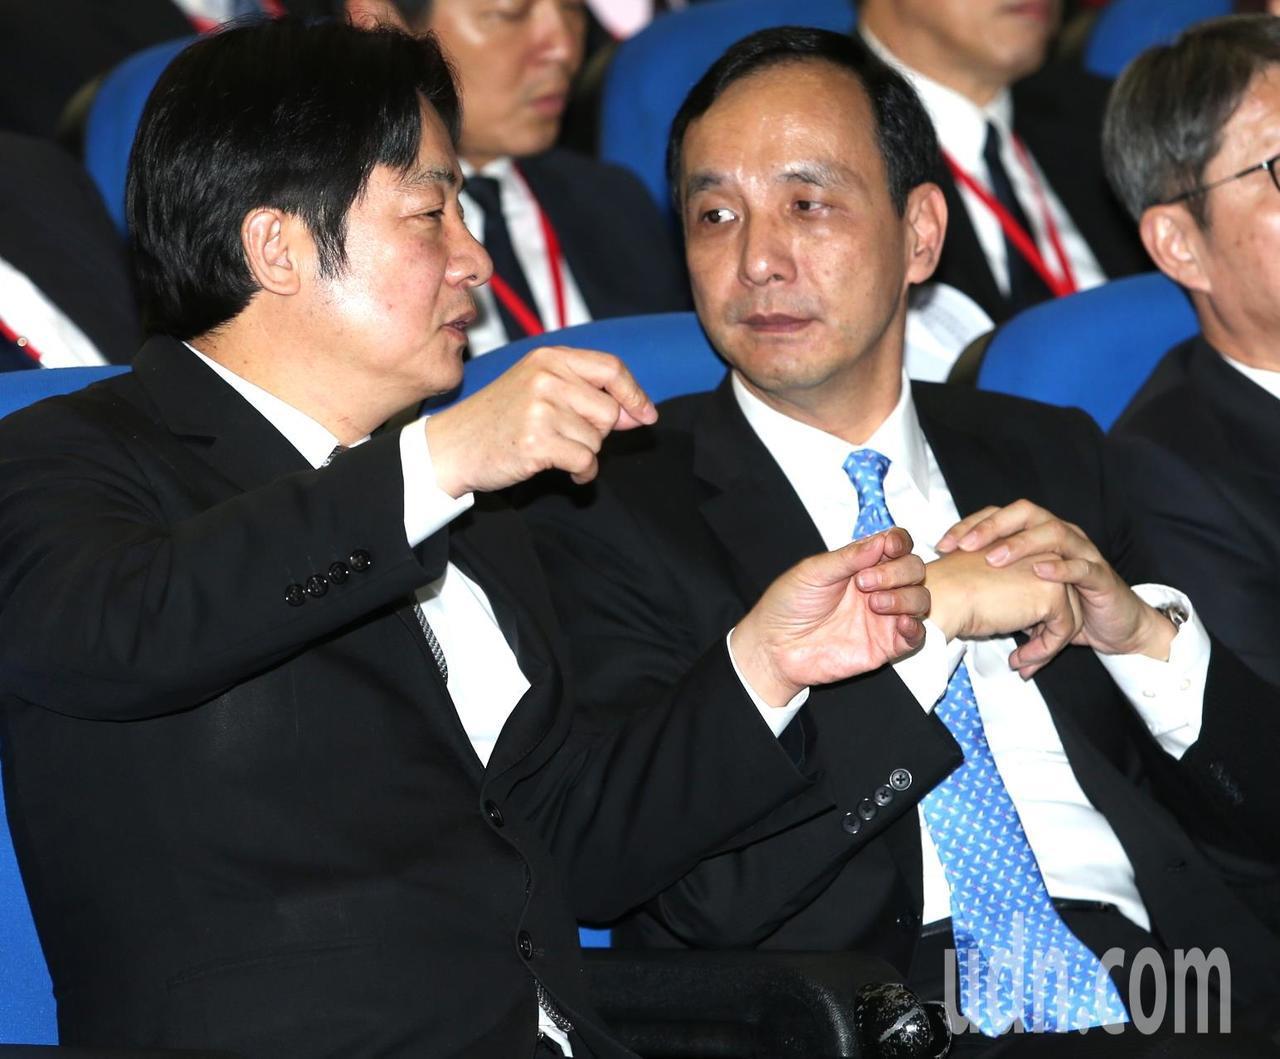 行政院長賴清德(左)與新北市長朱立倫(右)席間頻頻交換意見。記者侯永全/攝影